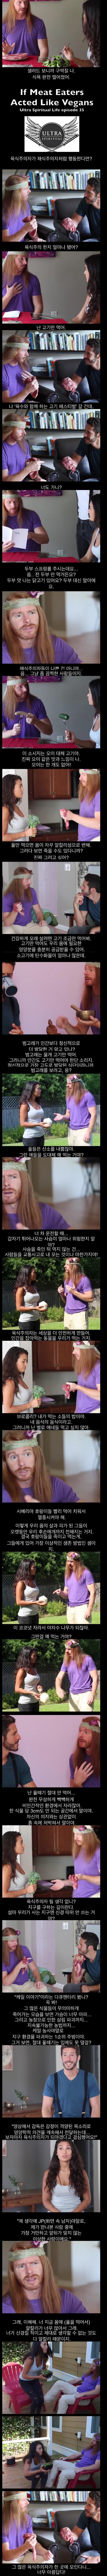 채식주의자 미러링